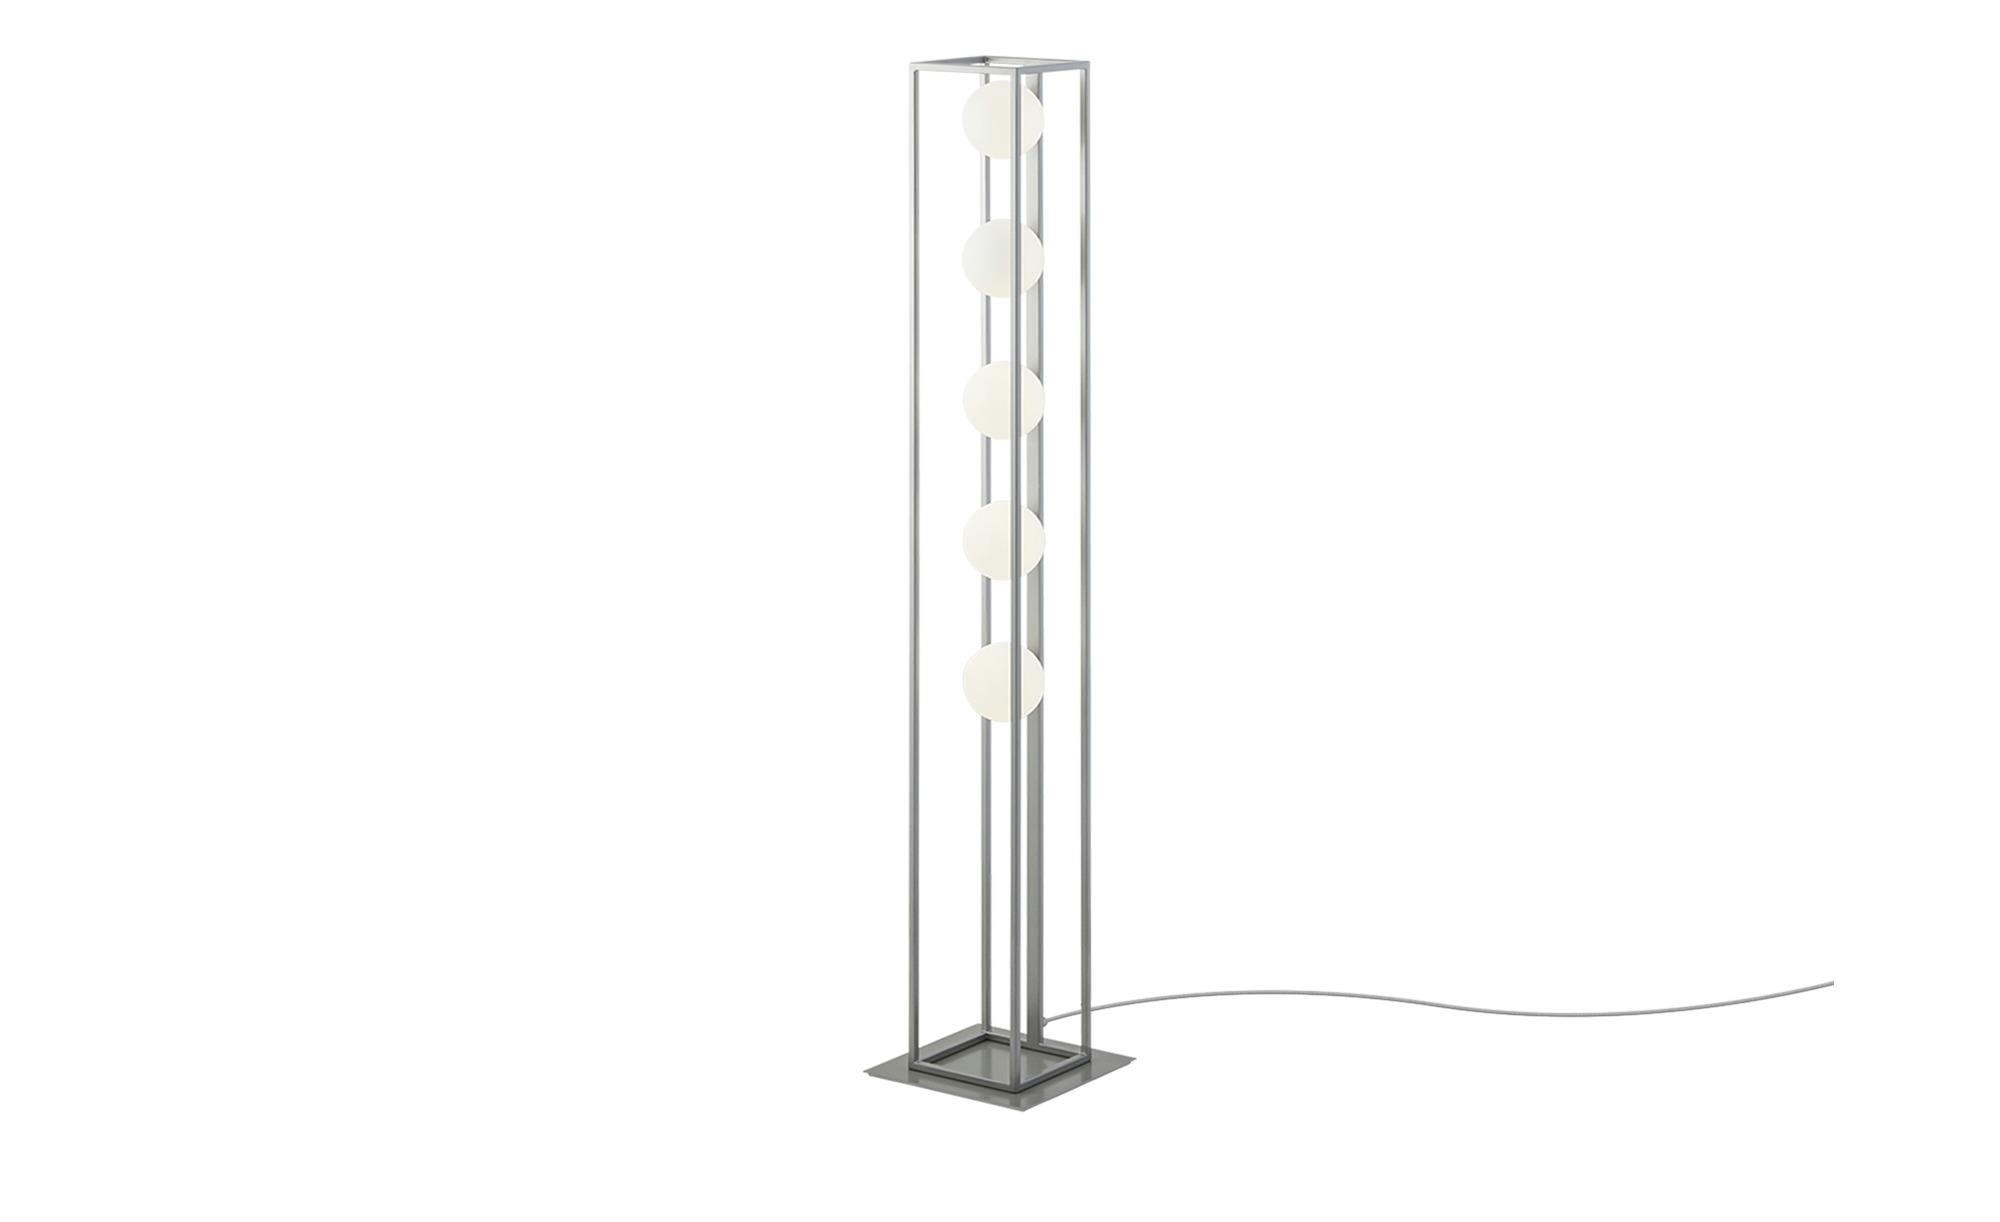 Wofi Stehleuchte, 5-flammig, Nickel matt ¦ silber ¦ Maße (cm): B: 24 H: 130,6 Lampen & Leuchten > Innenleuchten > Stehlampen - Höffner